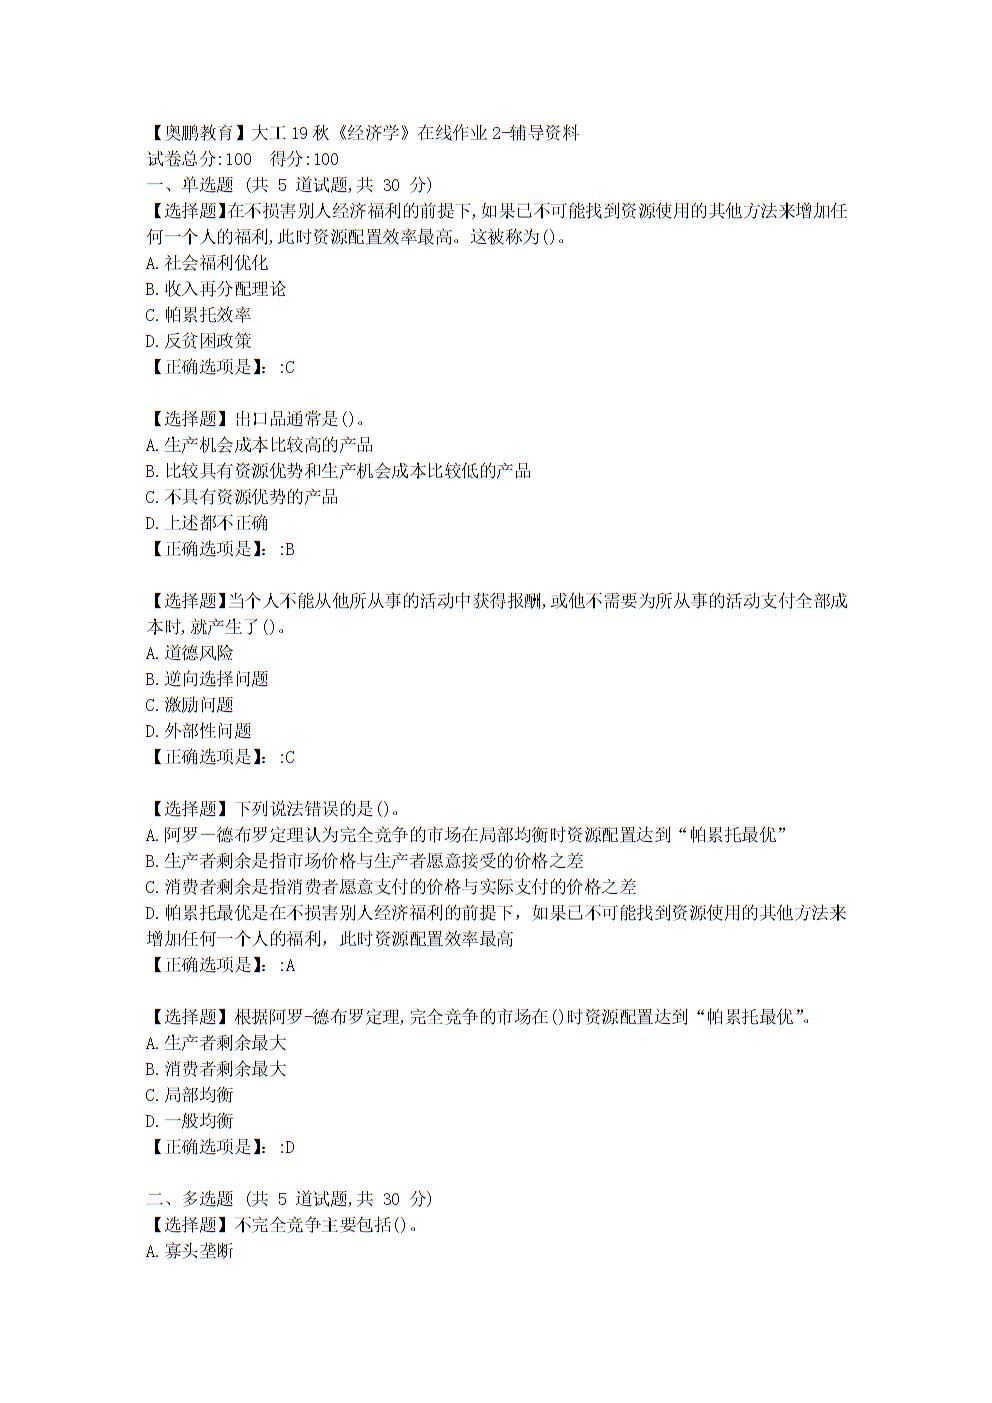 大连理工大学19秋《经济学》在线作业2学习资料.doc